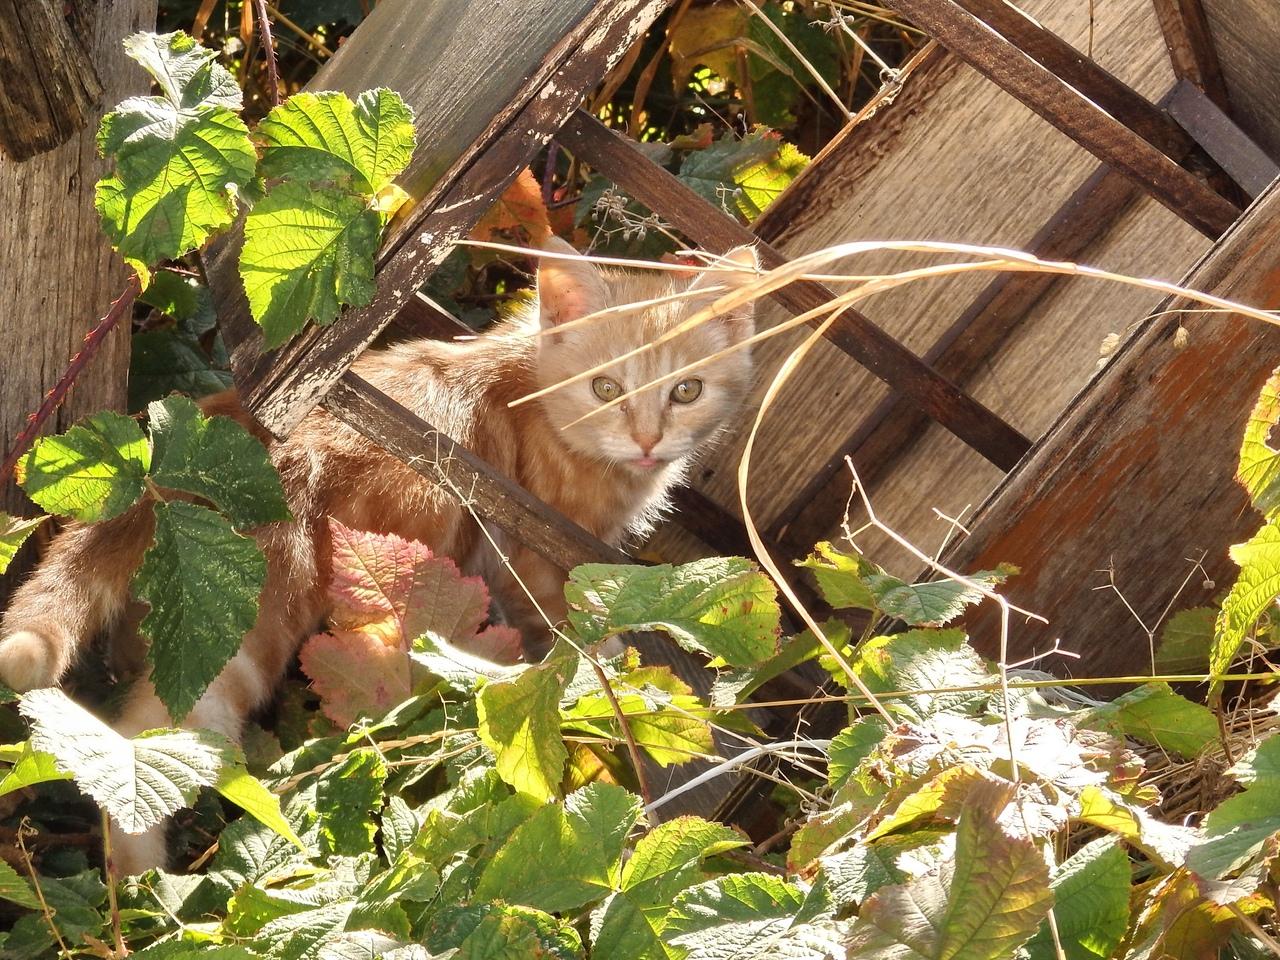 Кто-то бросил троих котят на остановке… Малышам было бы худо, но вмешалась добрая девушка!